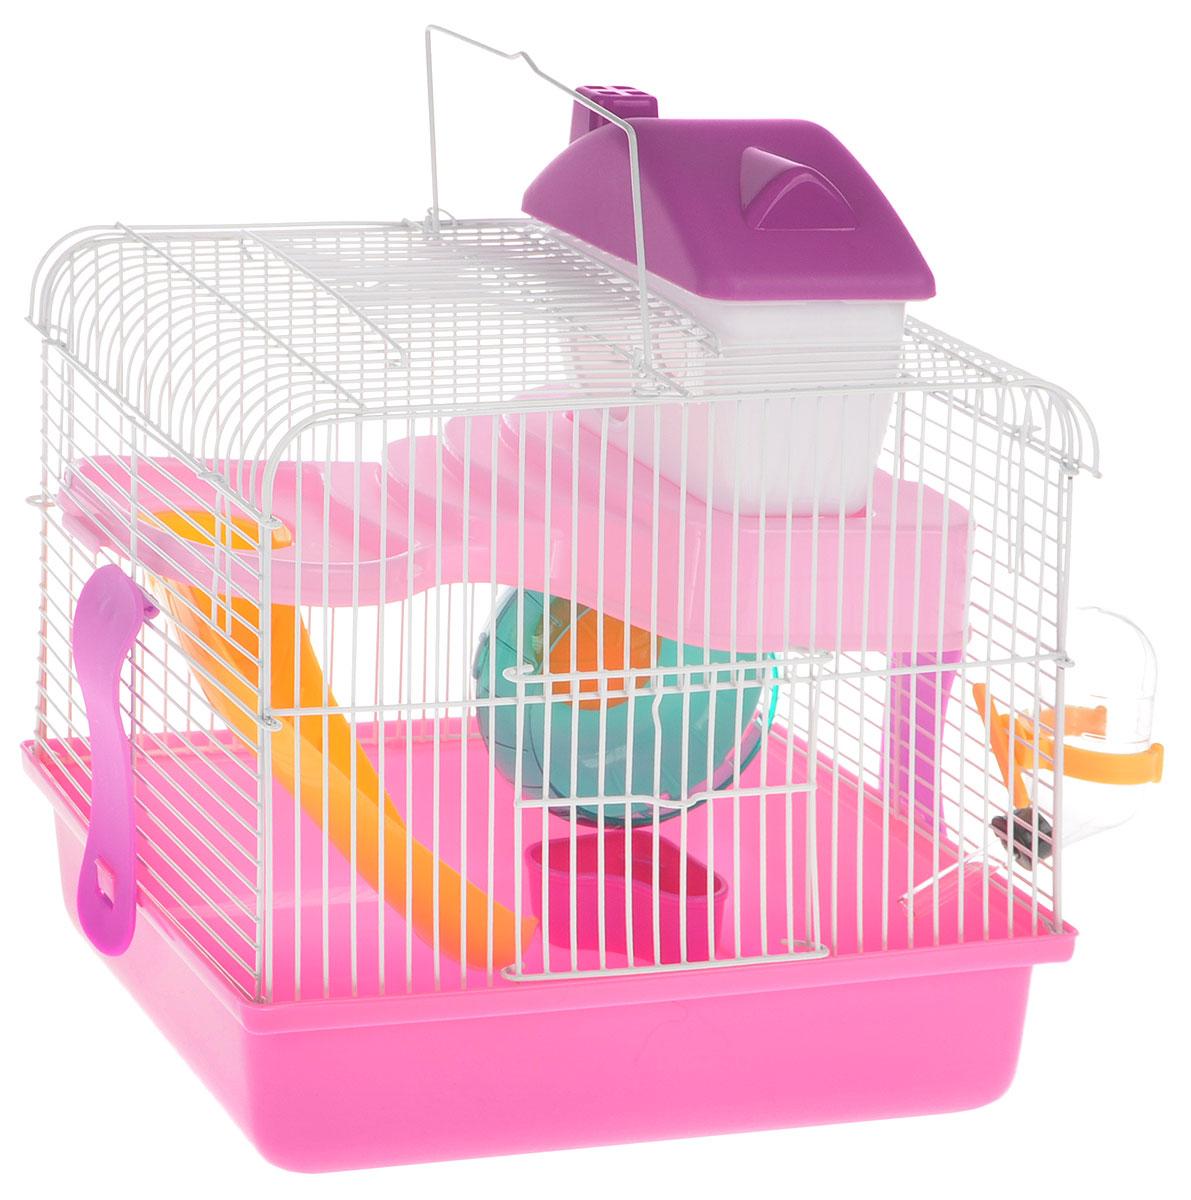 Клетка для грызунов Каскад, с оборудованием, 26 х 20 х 30 см55001609/розовыйКлетка Каскад, выполненная из пластика и окрашенного металла, прекрасно подходит для мелких грызунов. Изделие двухэтажное, оборудовано поилкой, сенником, пластиковым домиком и миской. Клетка имеет яркий поддон, удобна в использовании и легко чистится. Сверху имеется ручка для переноски, а сбоку удобная дверца.Такая клетка станет уединенным личным пространством и уютным домиком для маленького грызуна.